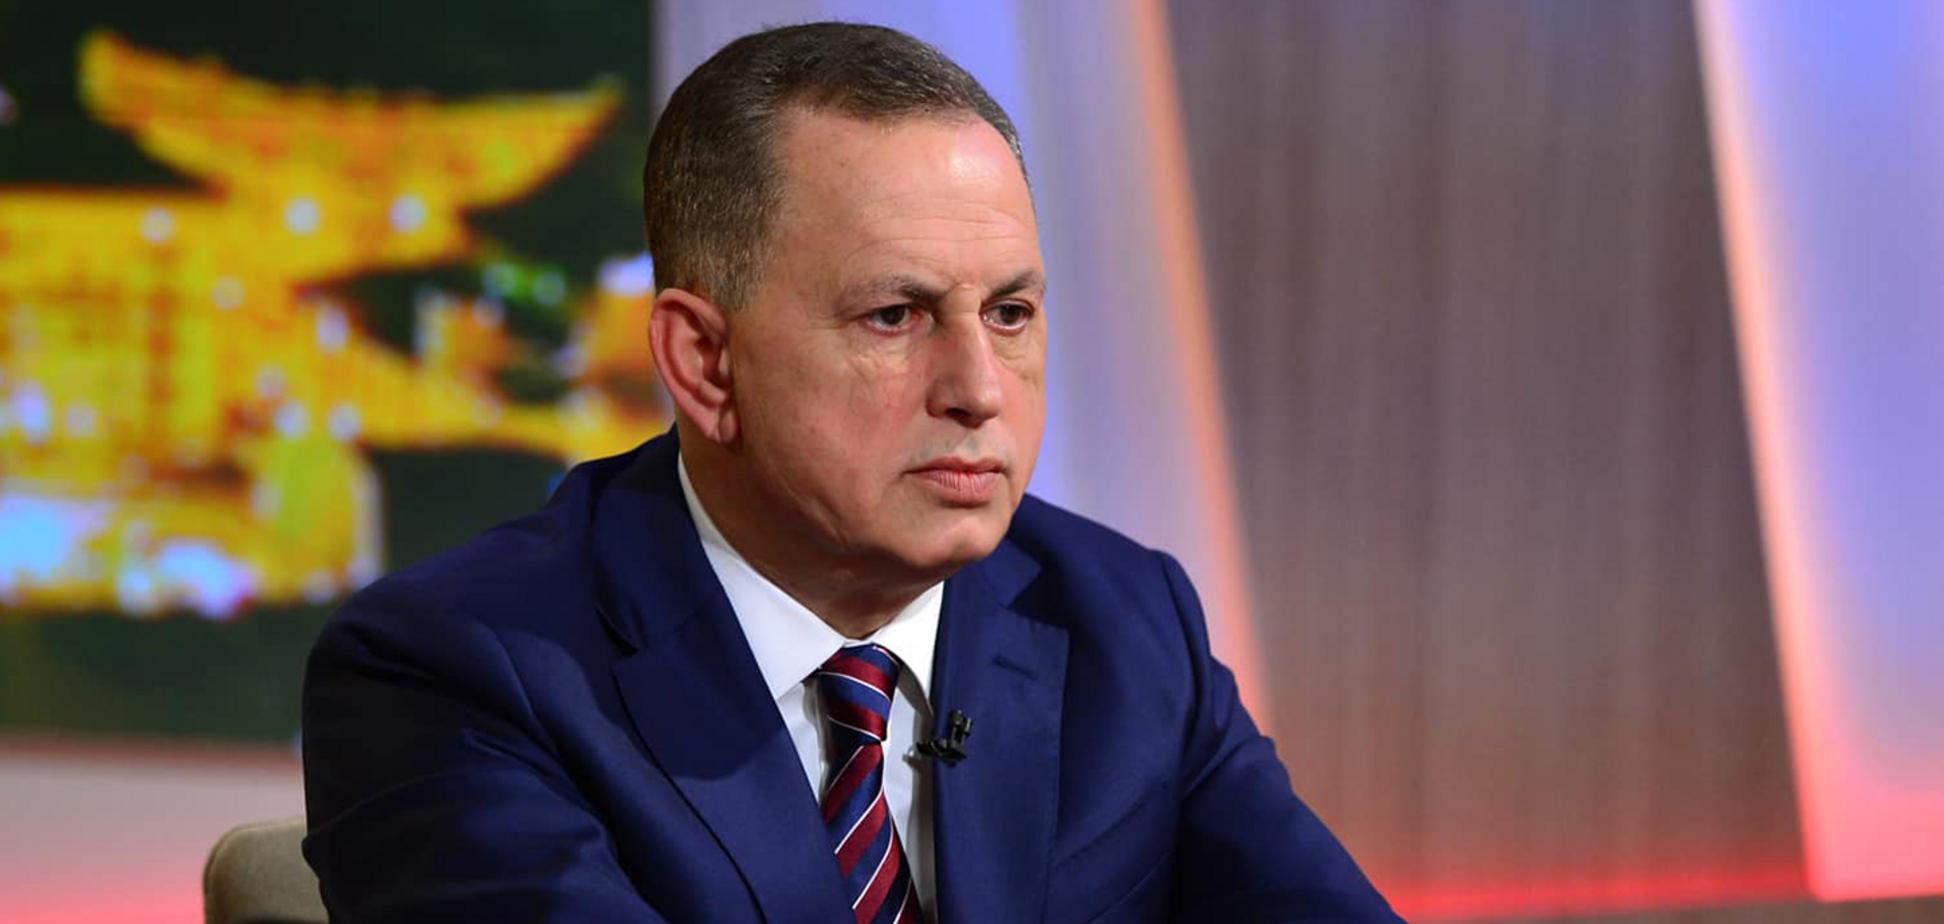 Колесніков – про створення нової партії: вона буде орієнтована на професіоналізм і досвід